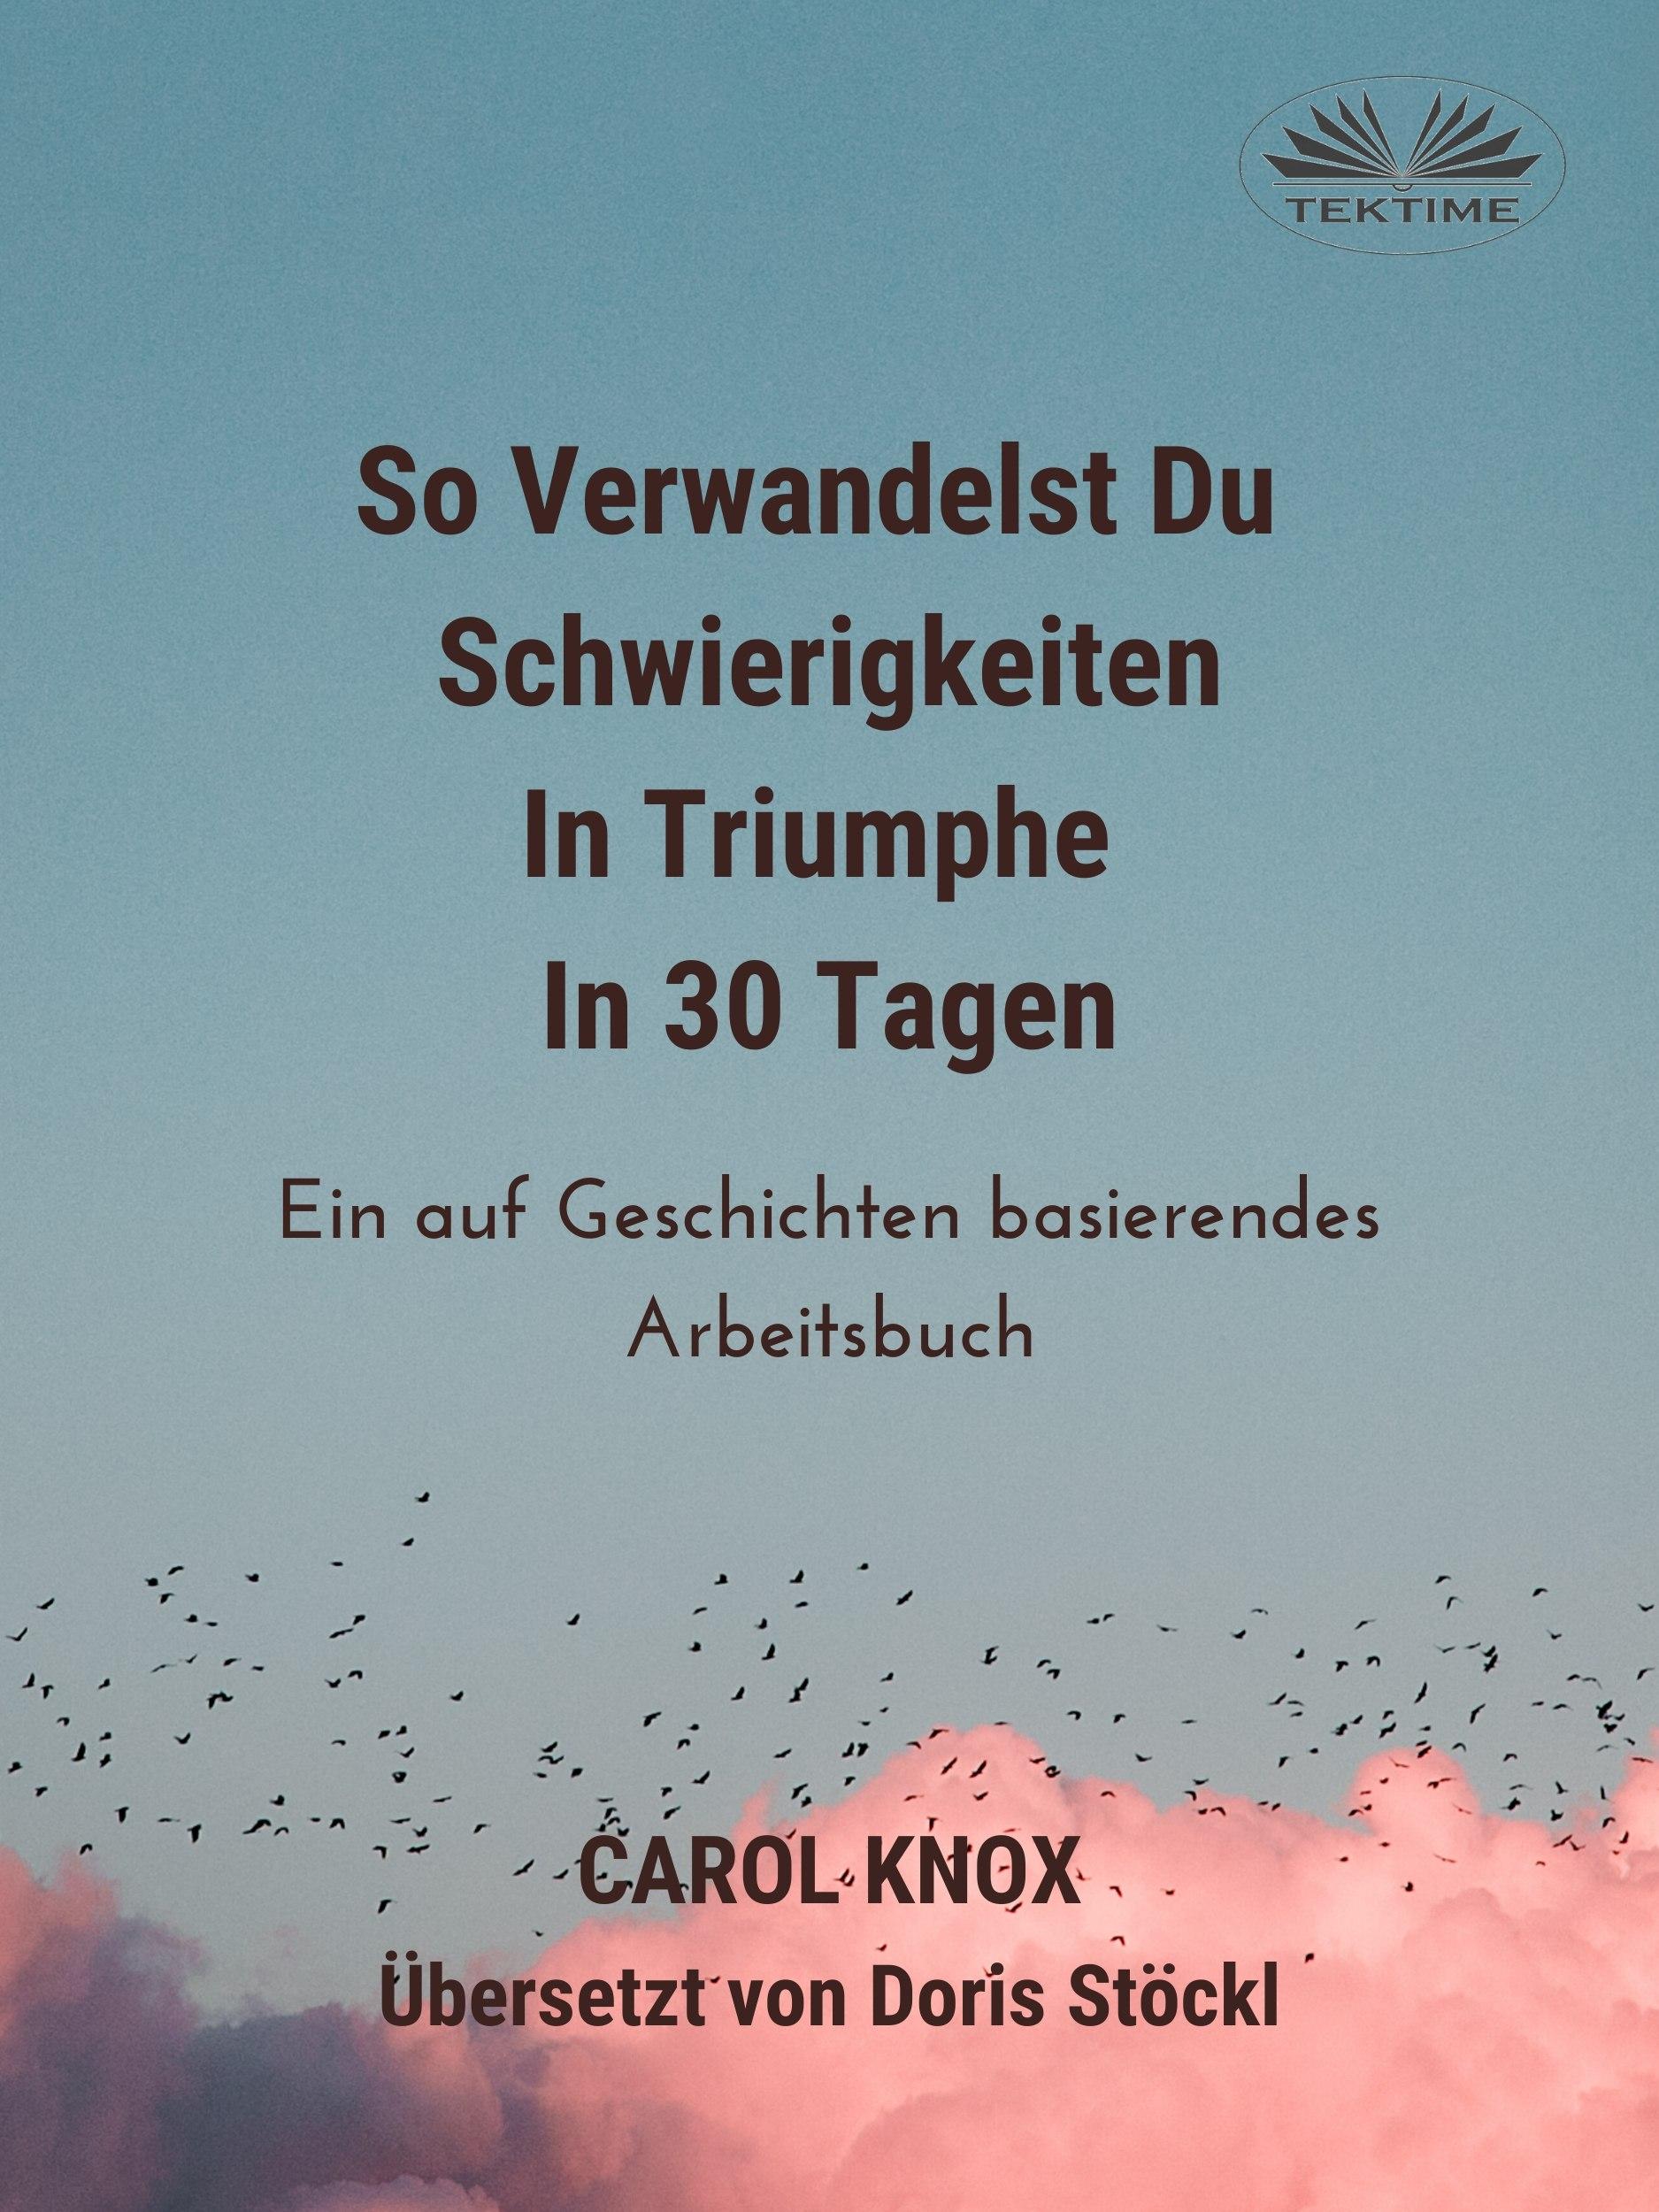 цена на Carol Knox So Verwandelst Du Schwierigkeiten In Triumphe In 30 Tagen